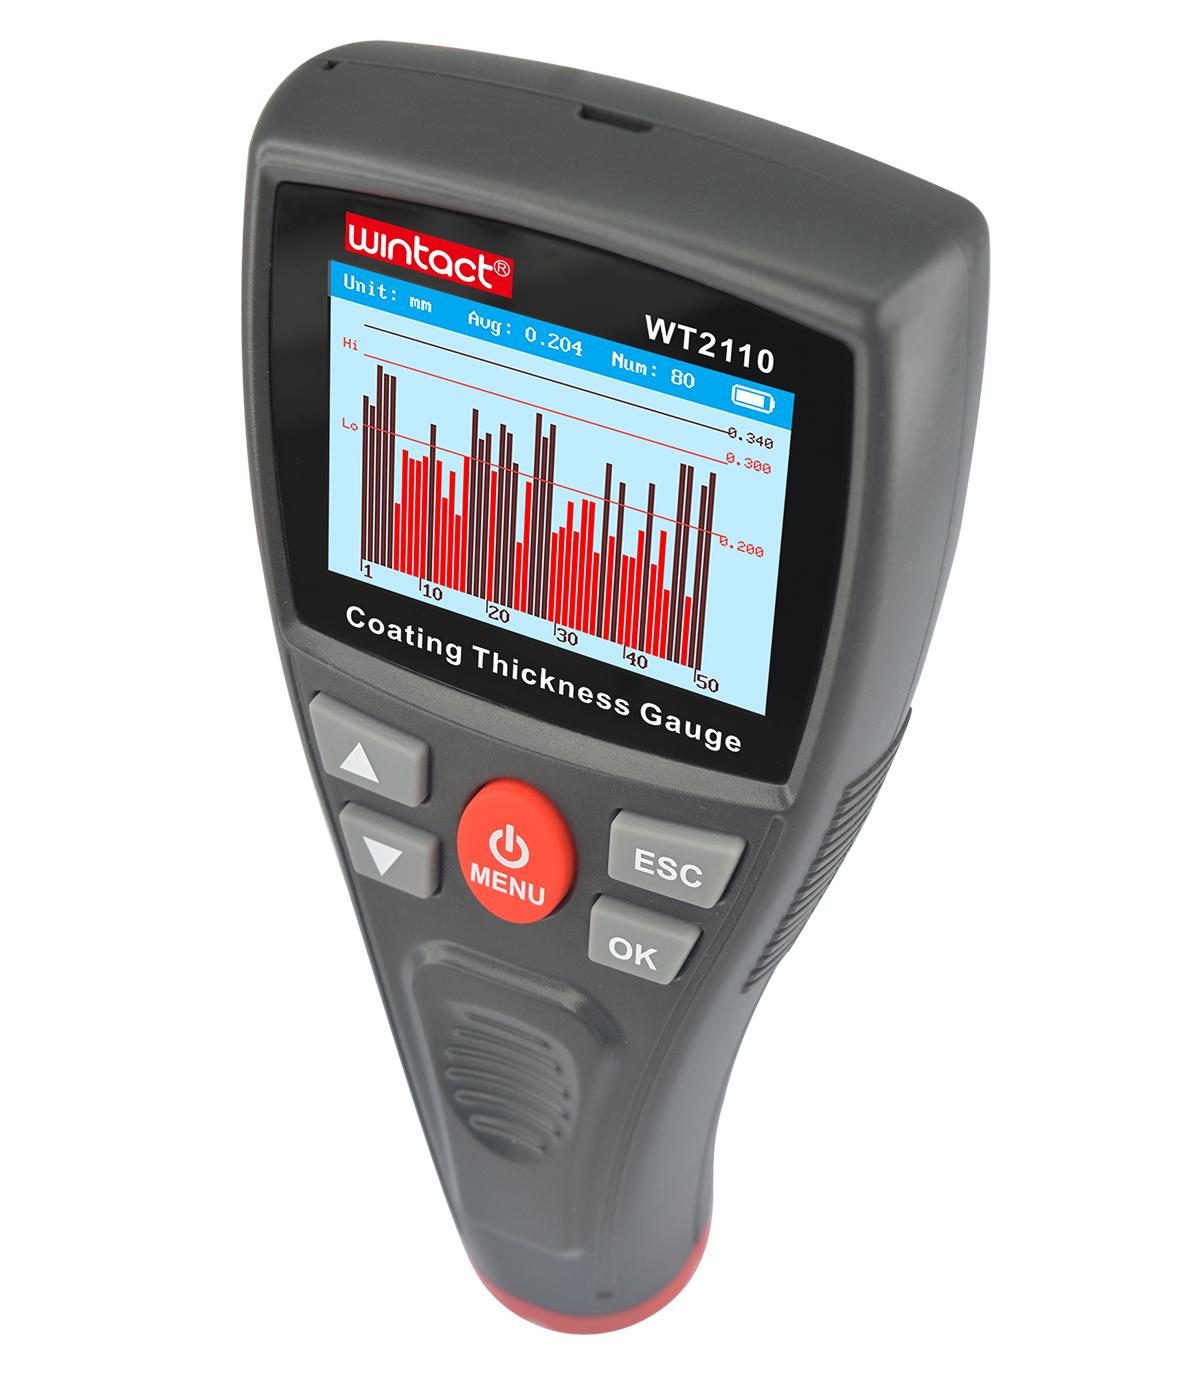 دستگاه ضخامت سنج WT2110